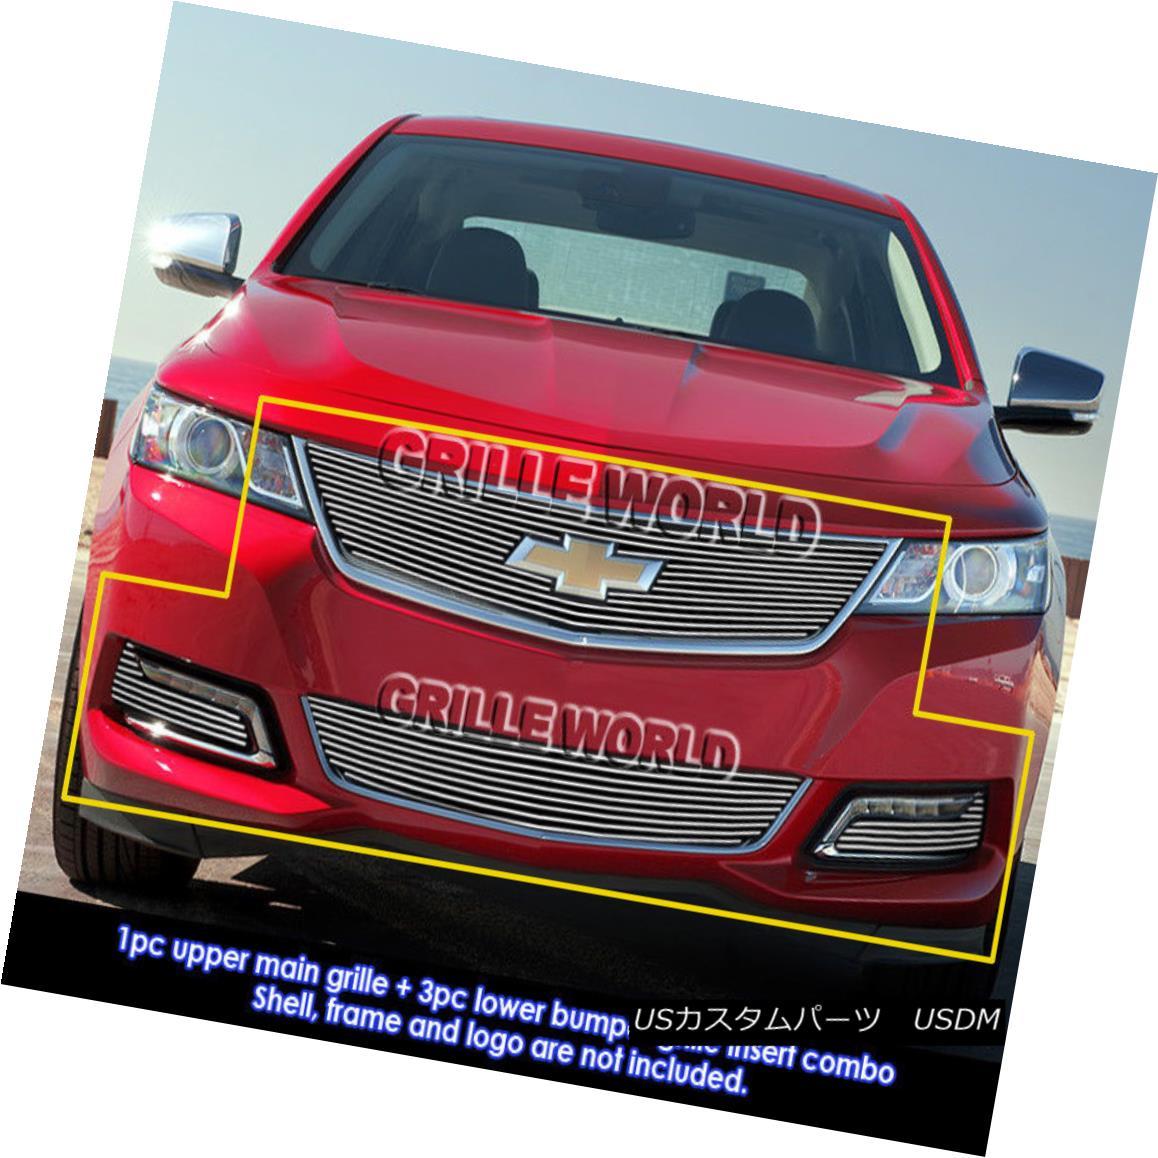 グリル For 2014-2015 Chevy Impala W/ Logo Show & Fog Light Cover Billet Grill Combo 2014-2015シボレーインパラW /ロゴショー& amp; フォグライトカバービレットグリルコンボ